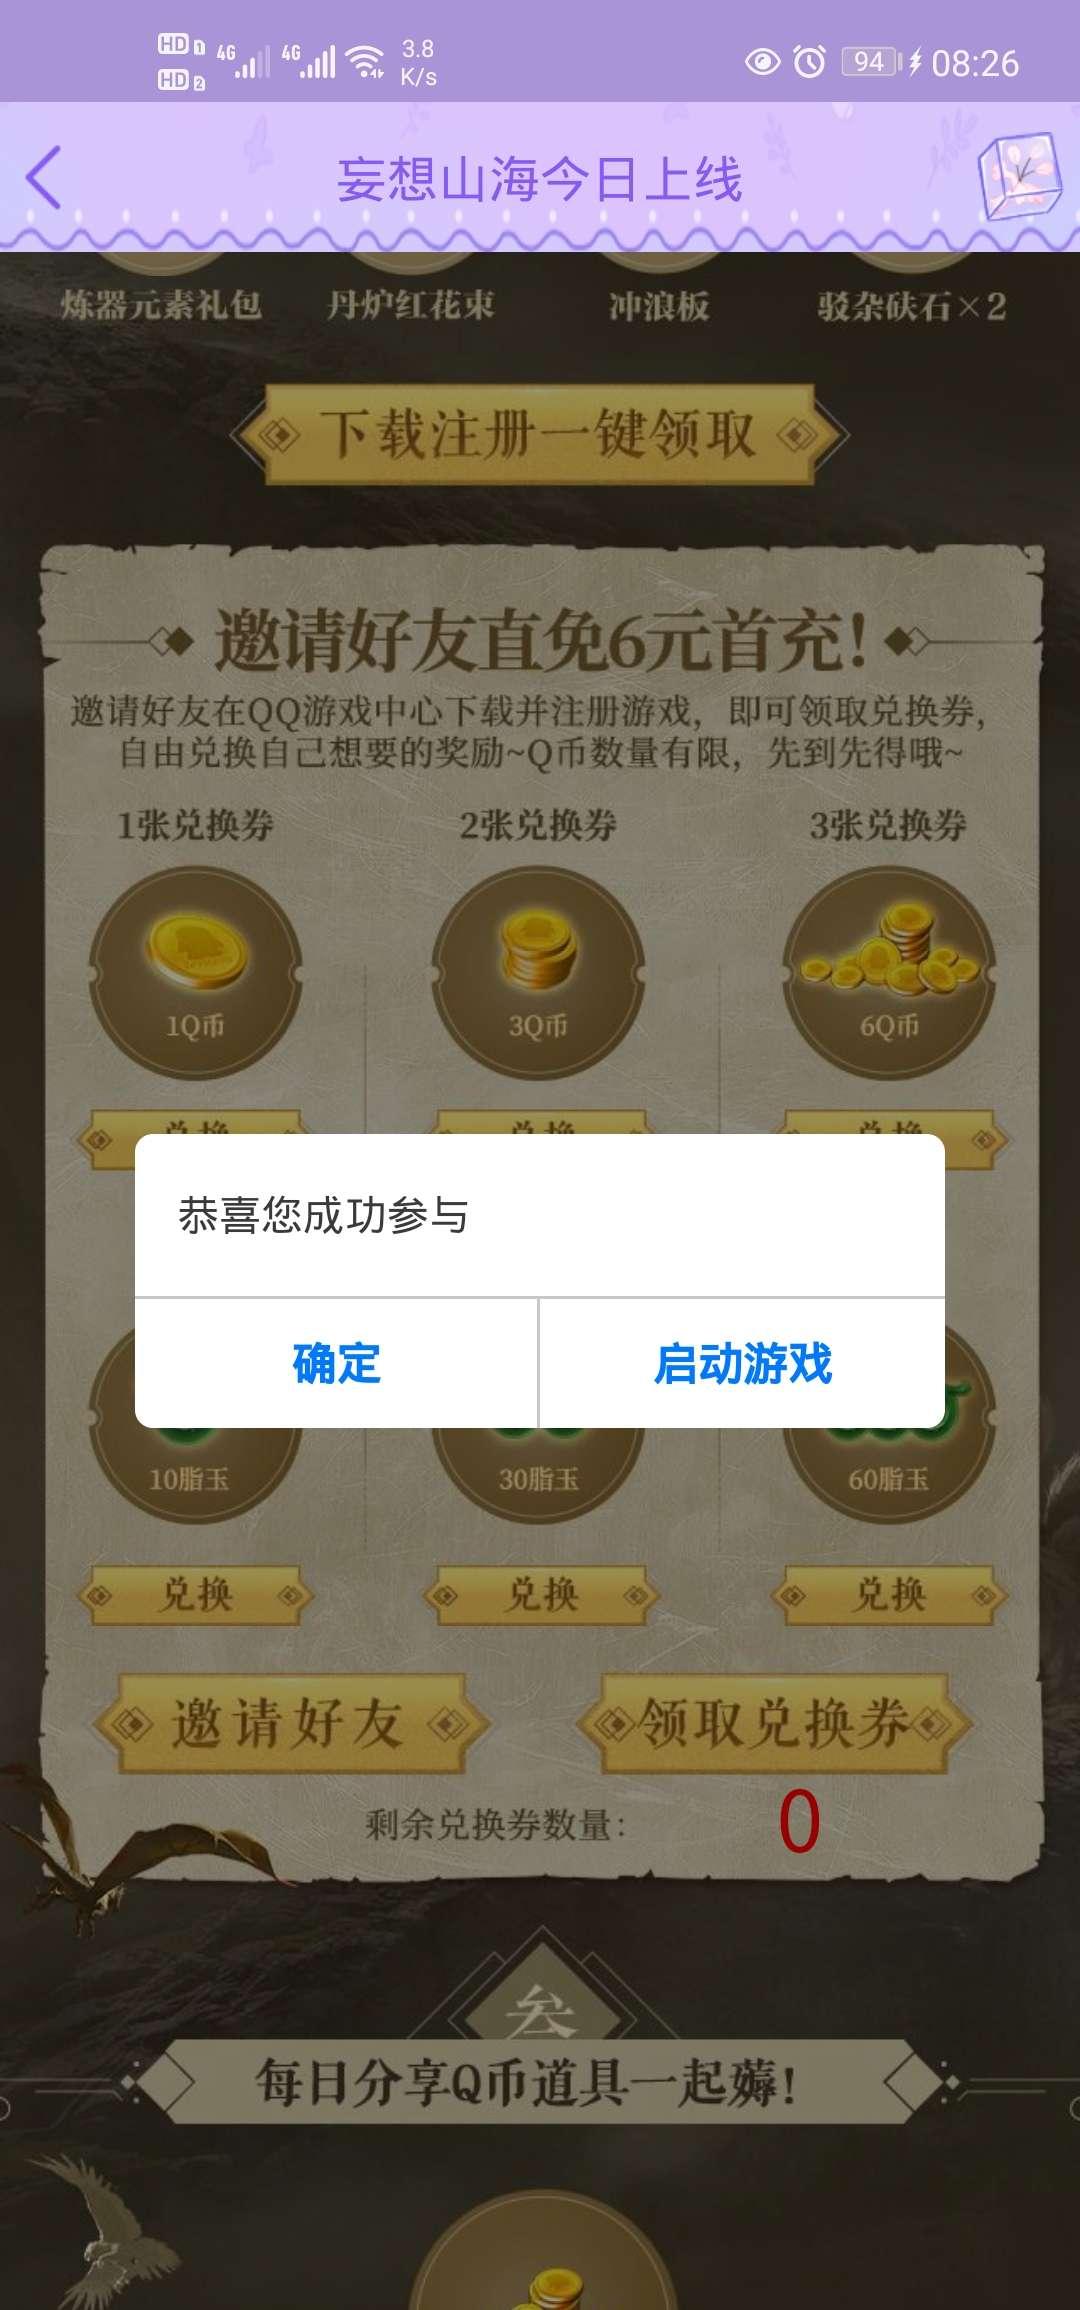 妄想山海下载赢现金红包和Q币插图1